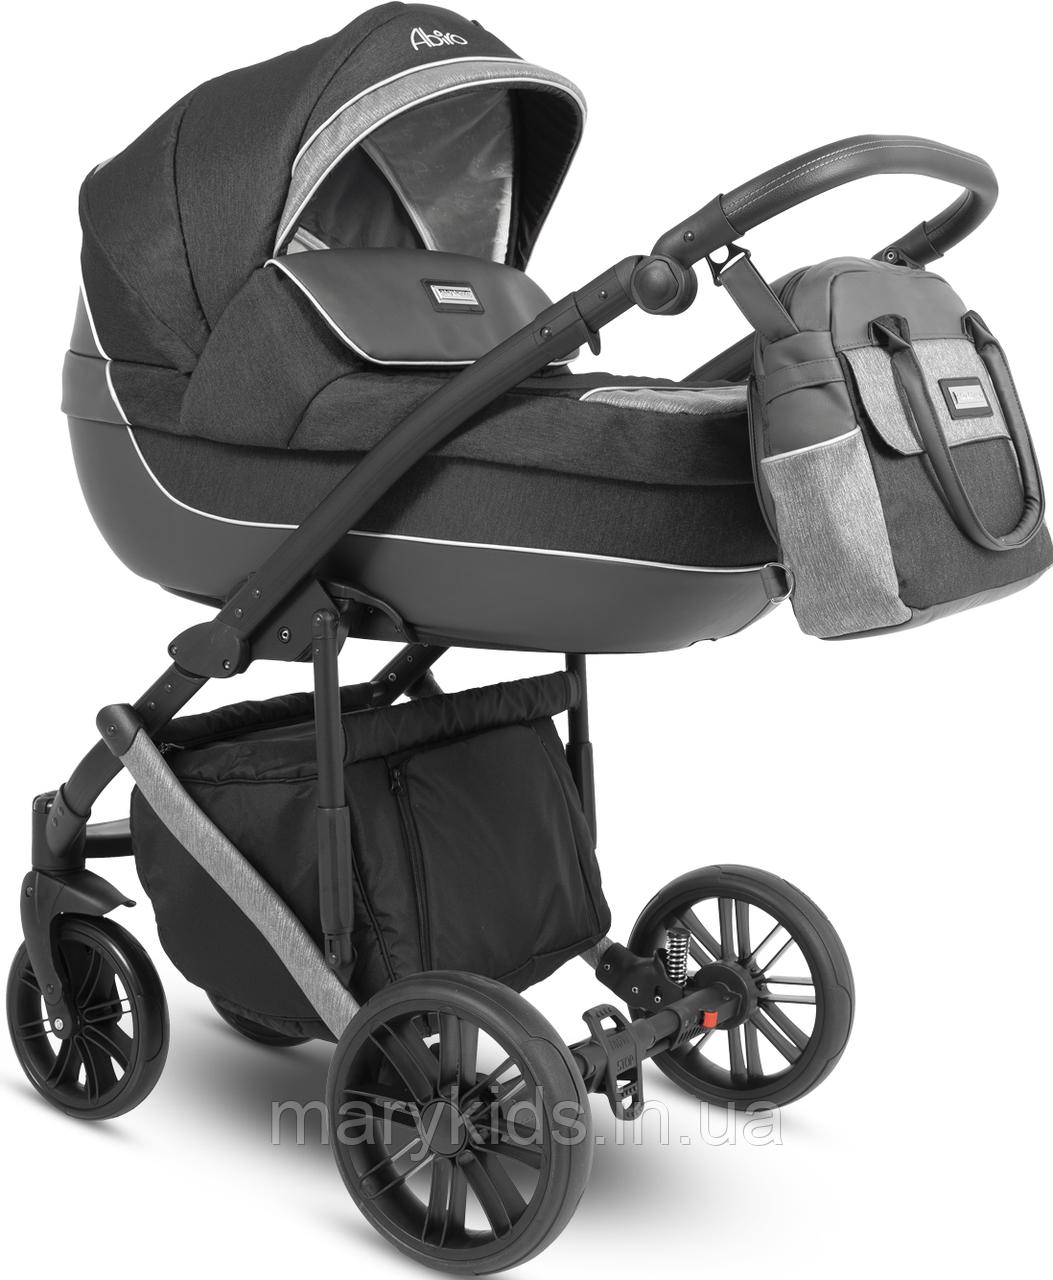 Детская универсальная коляска 2 в 1 Camarelo Abrio - 10